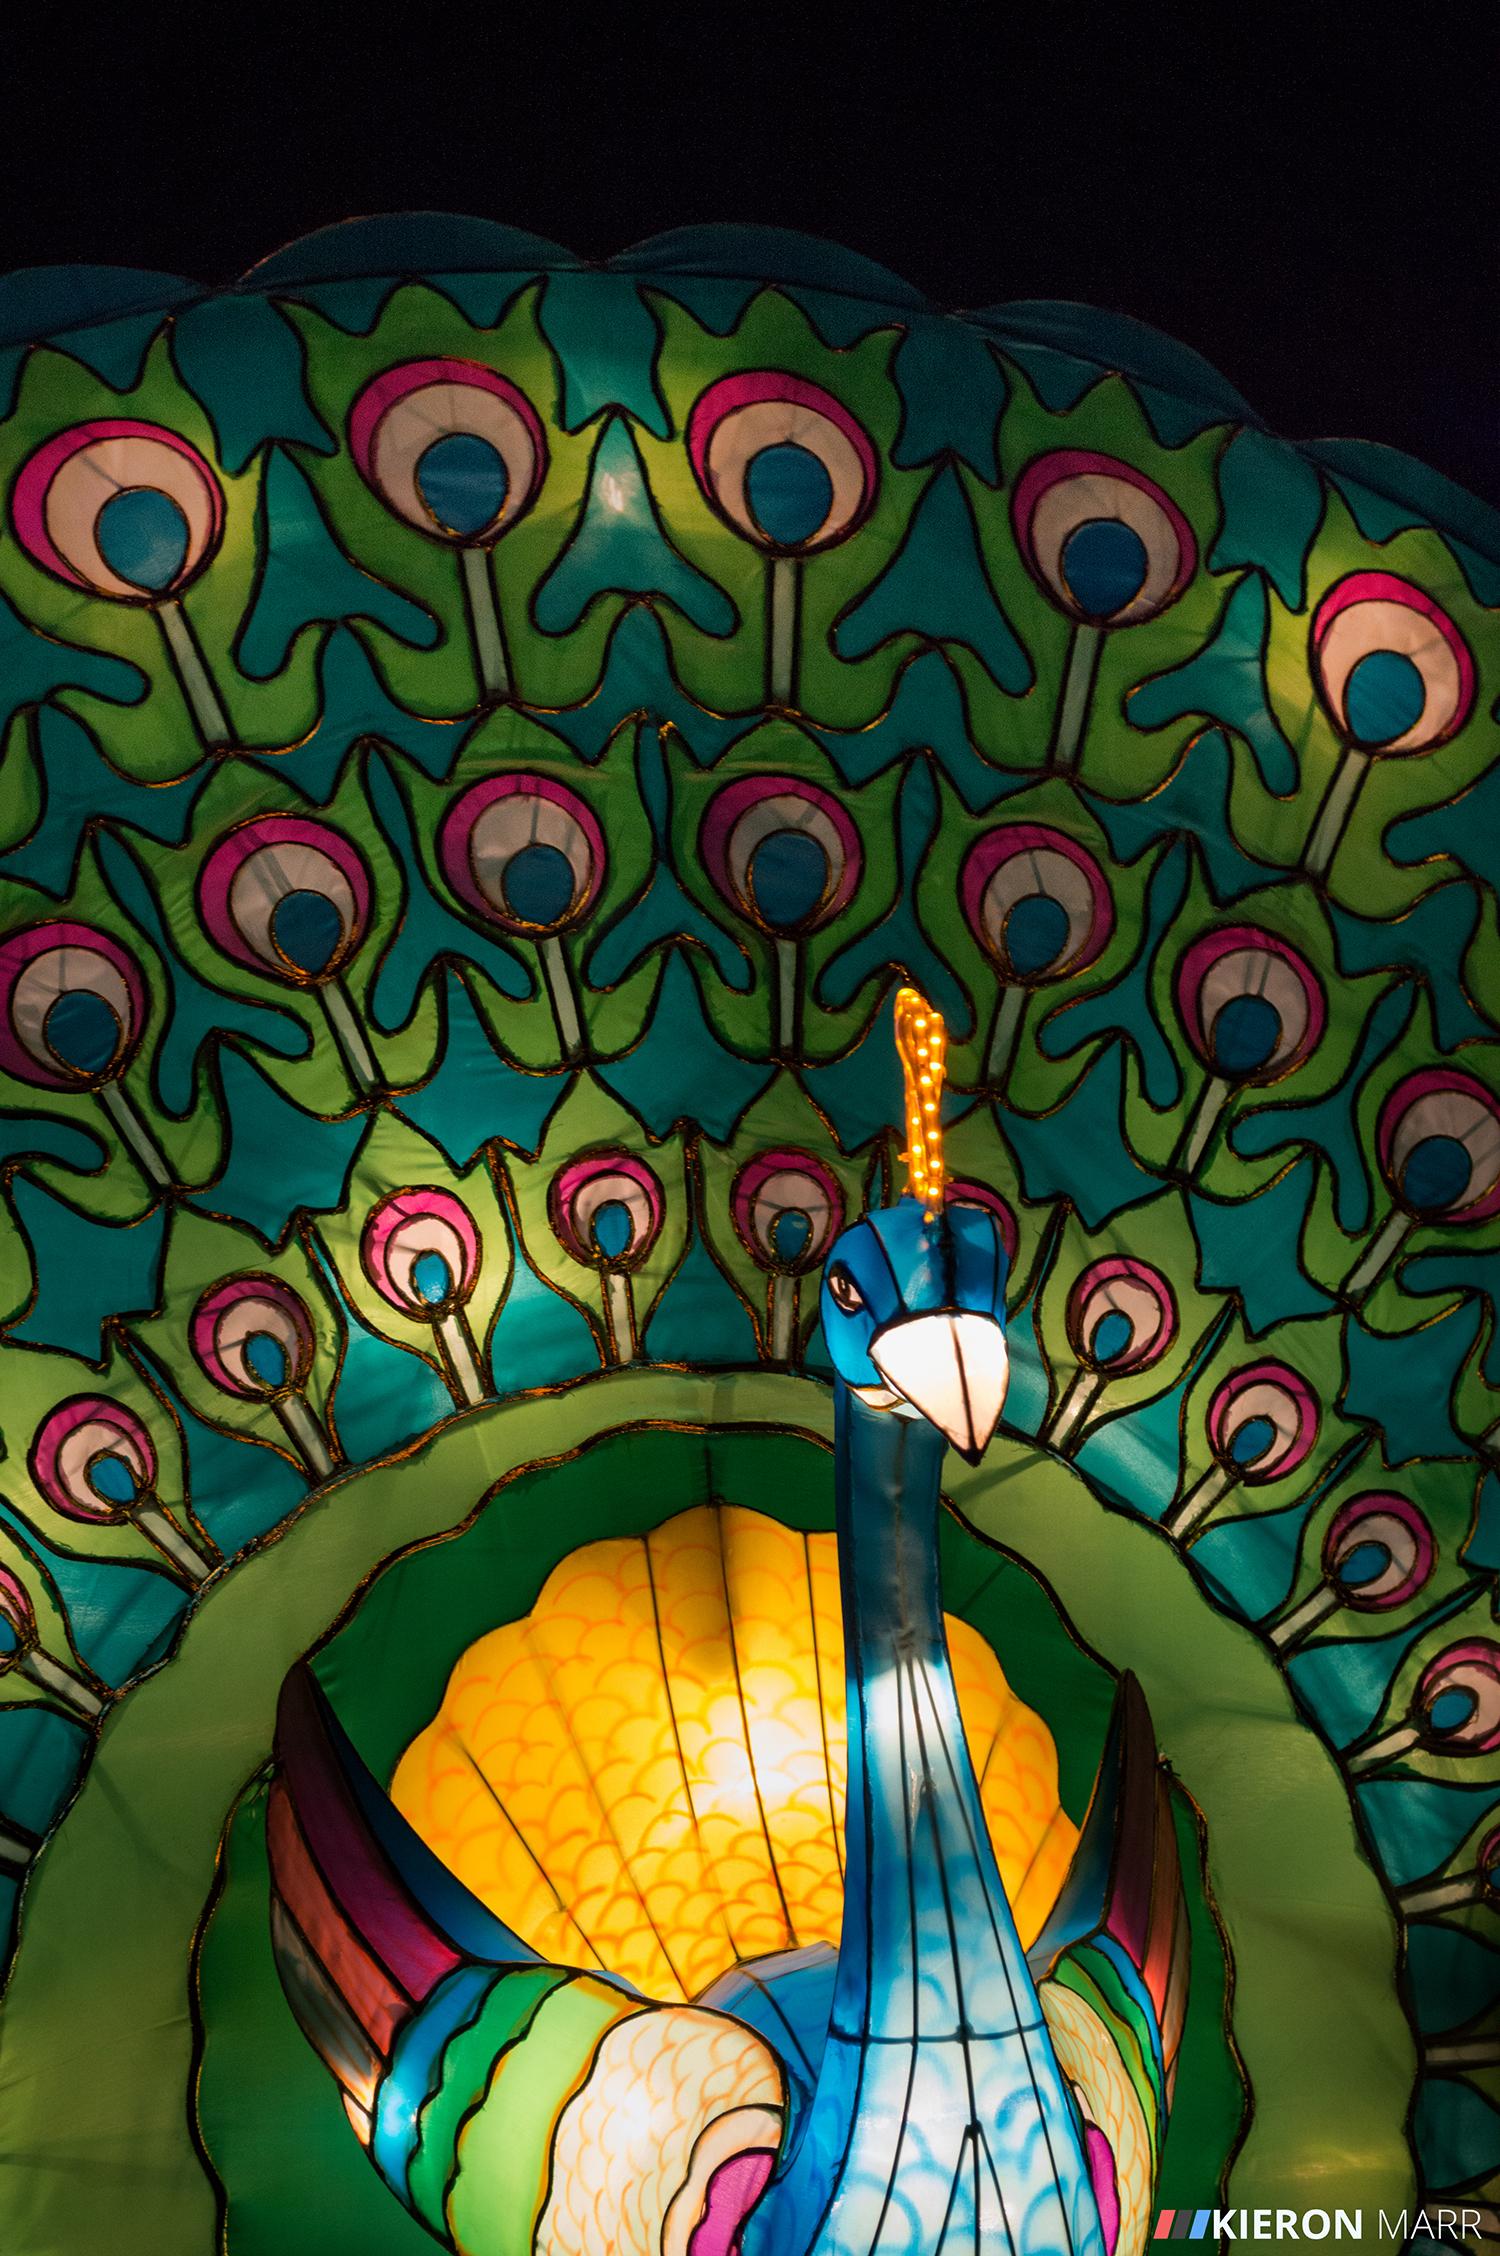 Longleat Festival of Light 2014 - Peacock